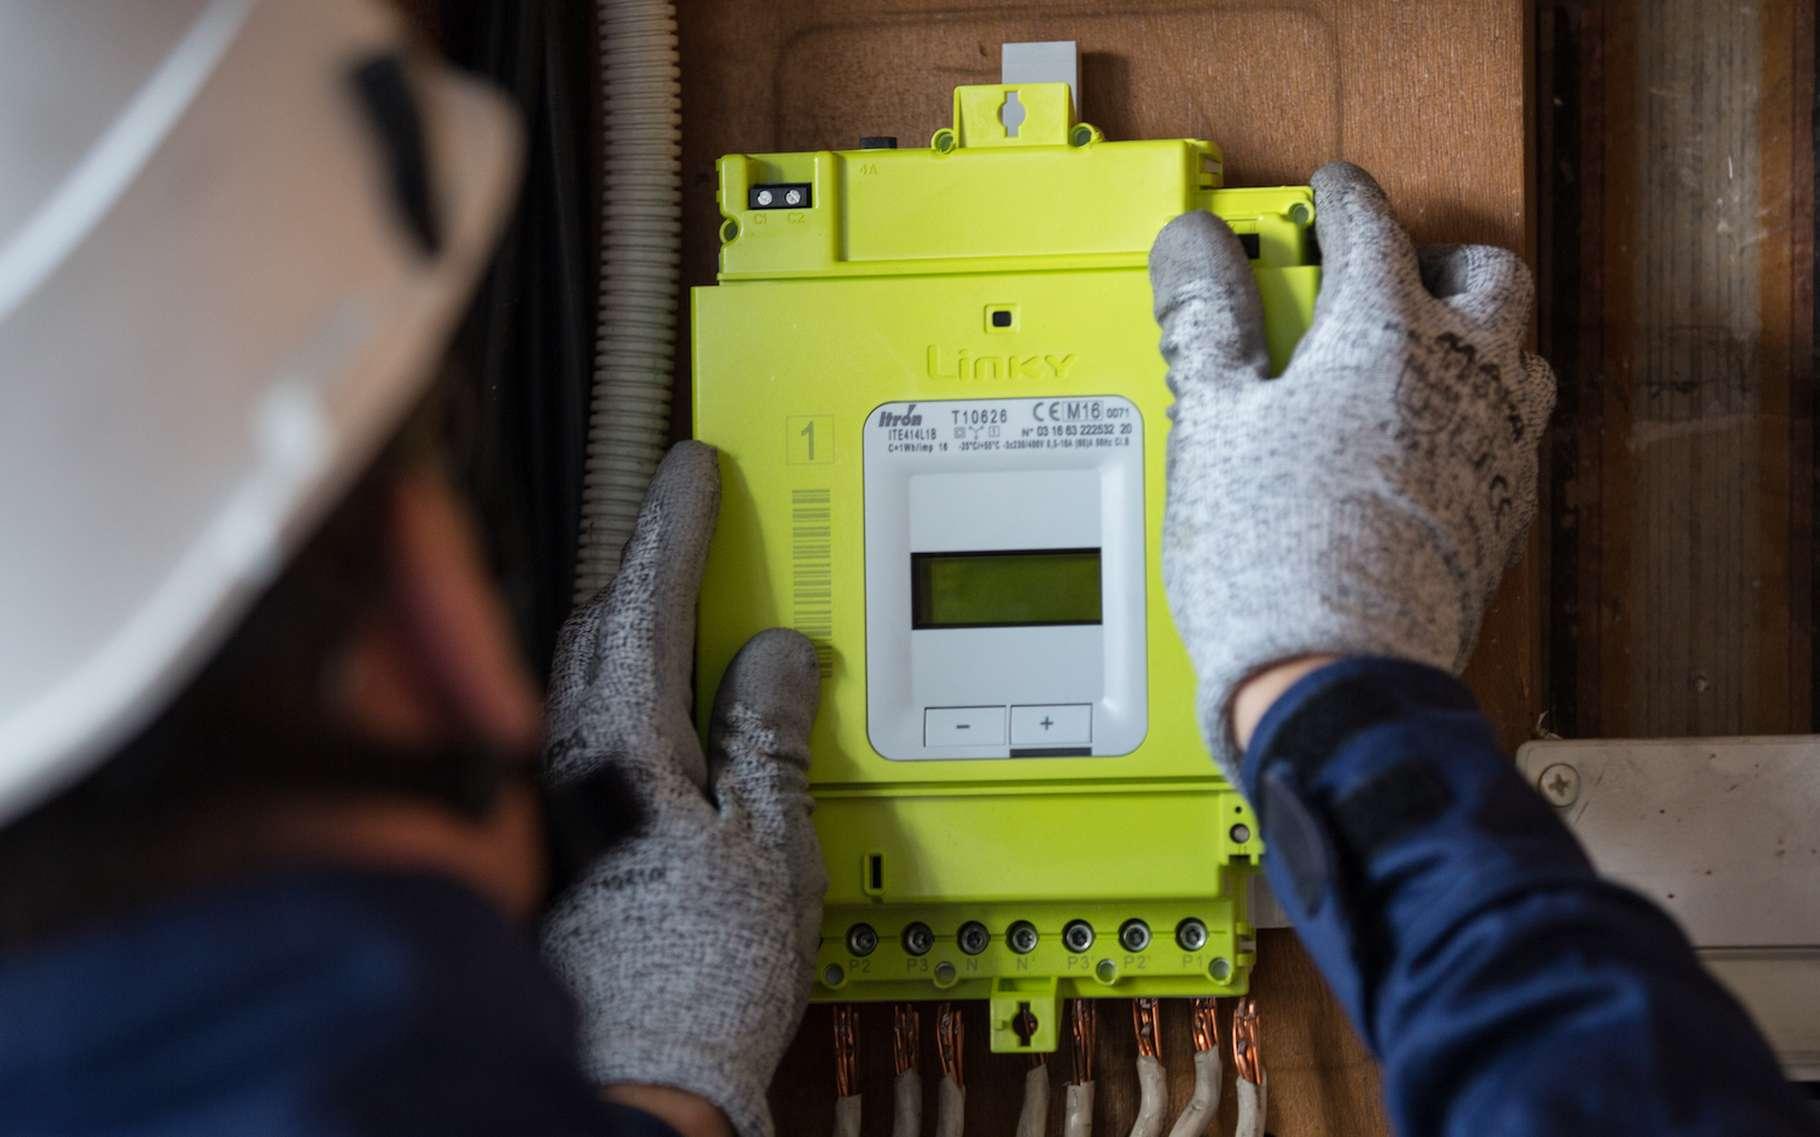 Linky, le compteur électrique intelligent d'Enedis, fait polémique depuis le début de son installation dans les foyers français. © Louis Fauquembergue, Enedis